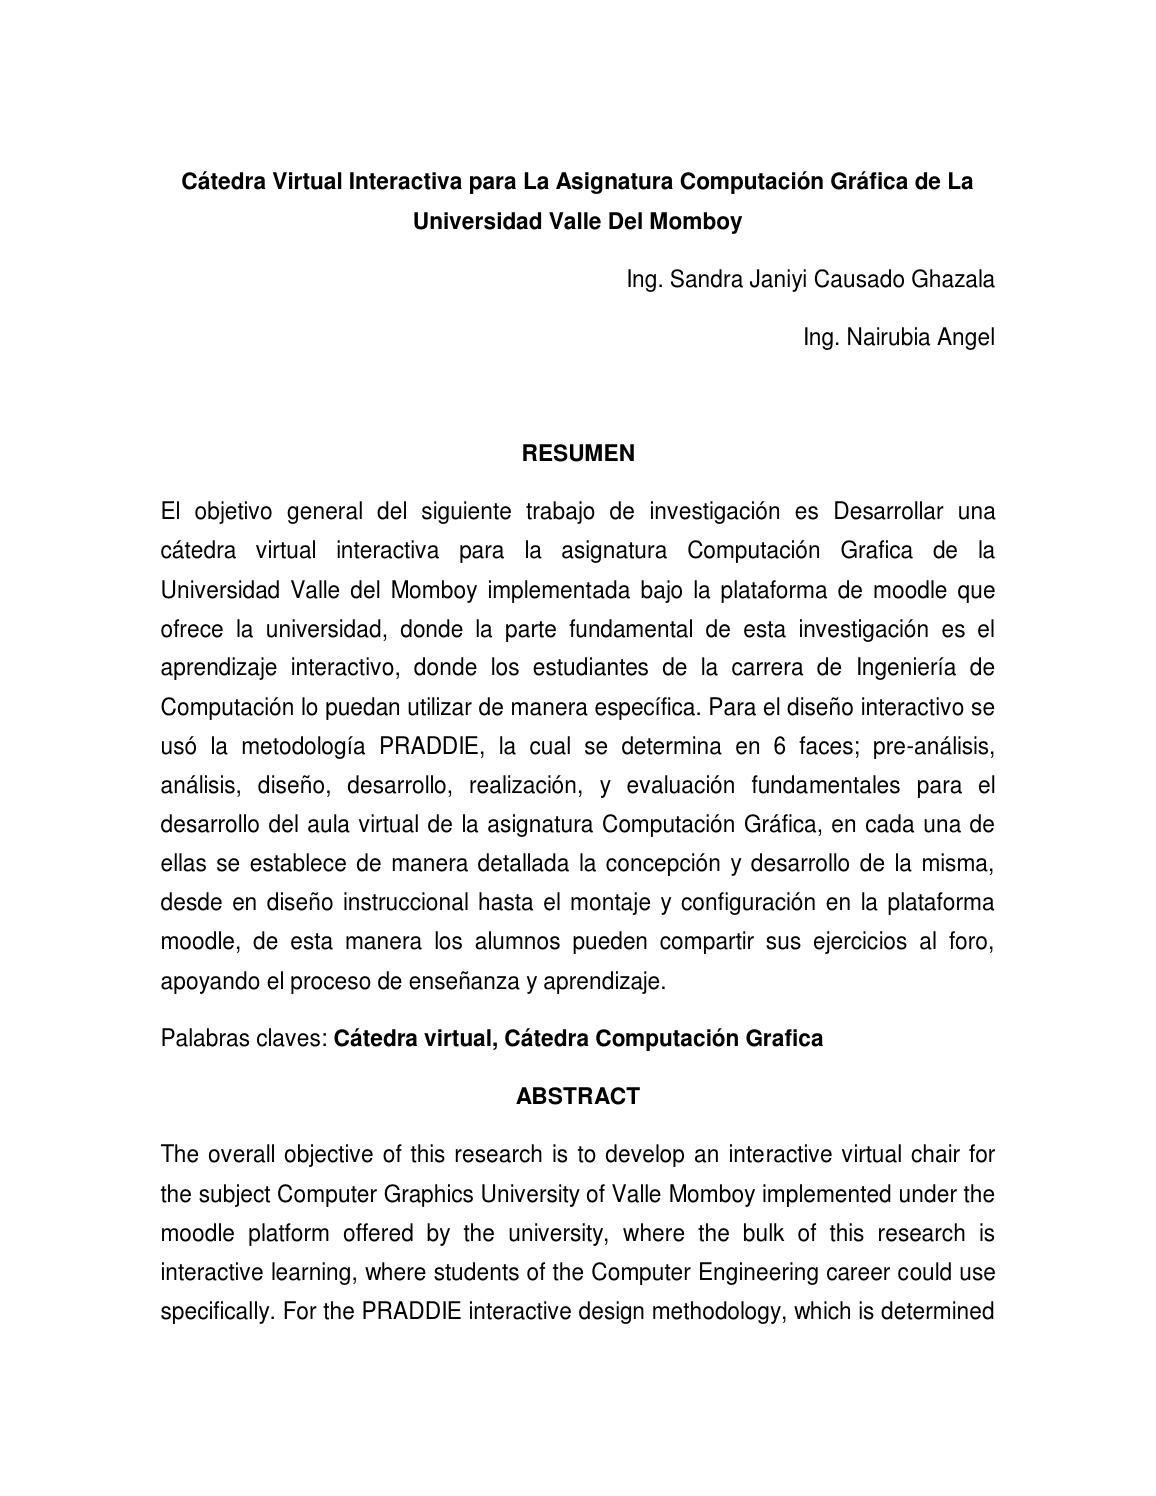 catedra virtual interactiva by nairubia1309 - issuu